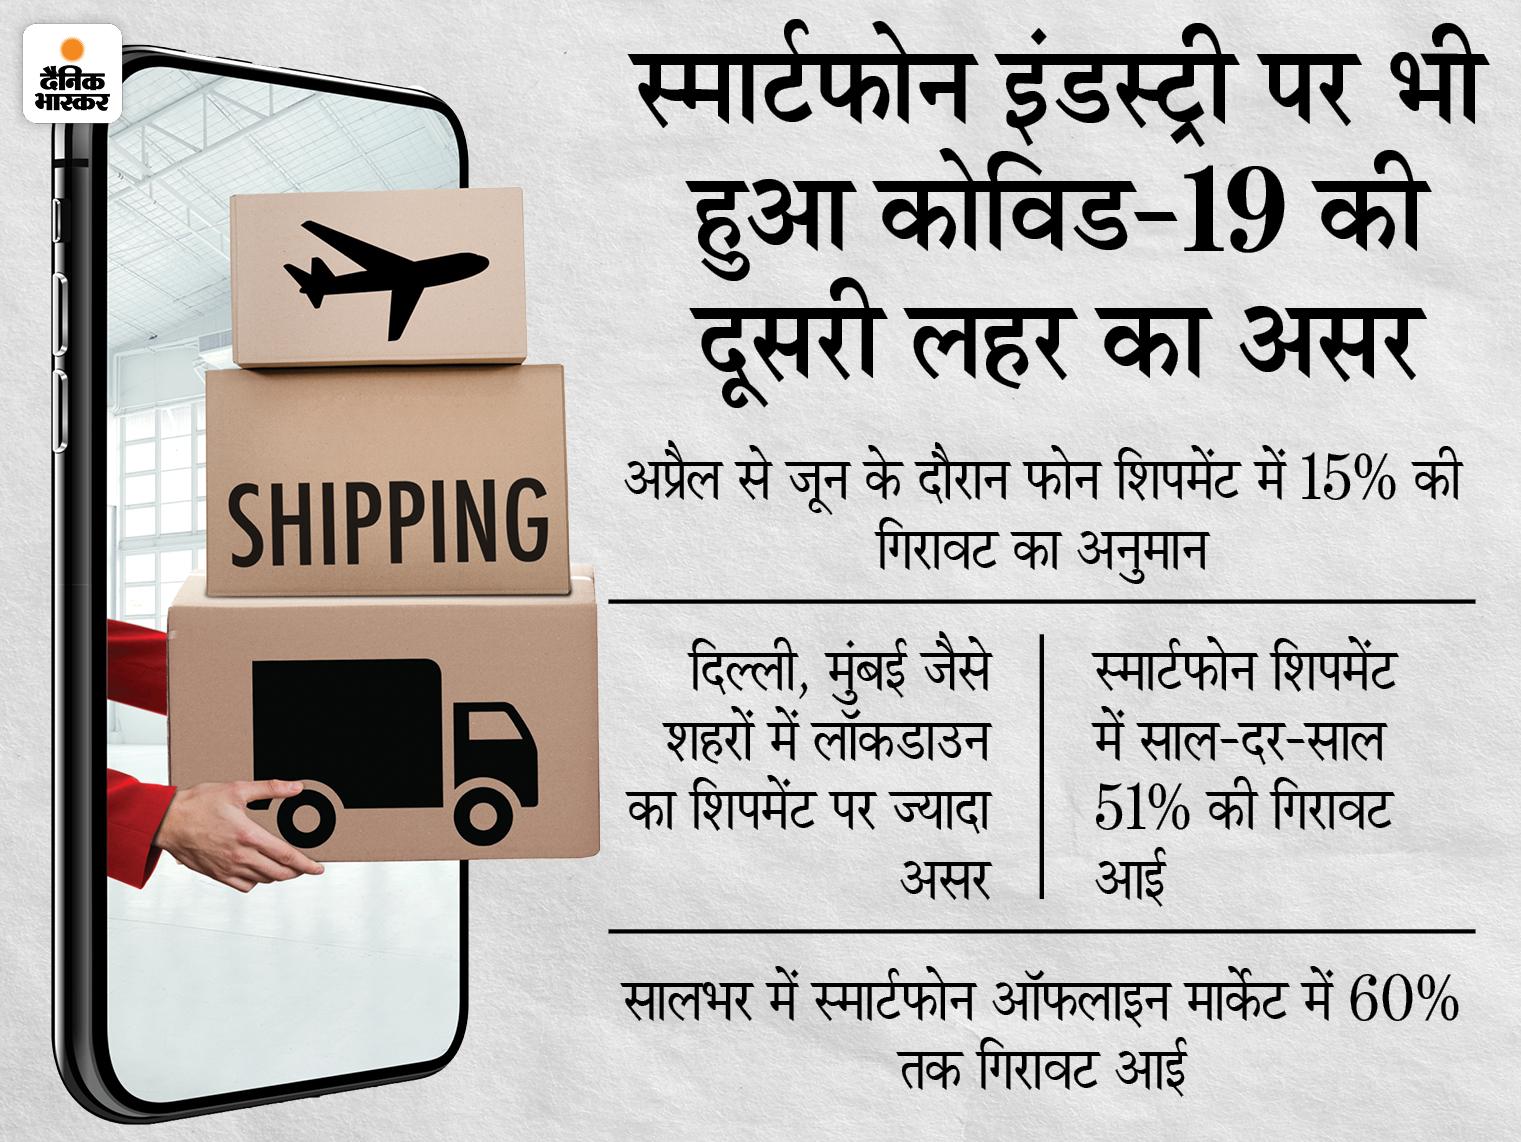 अप्रैल से जून के दौरान 15% तक गिर सकता है स्मार्टफोन का शिपमेंट, बढ़ती कीमतों के भी इस पर होगा असर टेक & ऑटो,Tech & Auto - Dainik Bhaskar